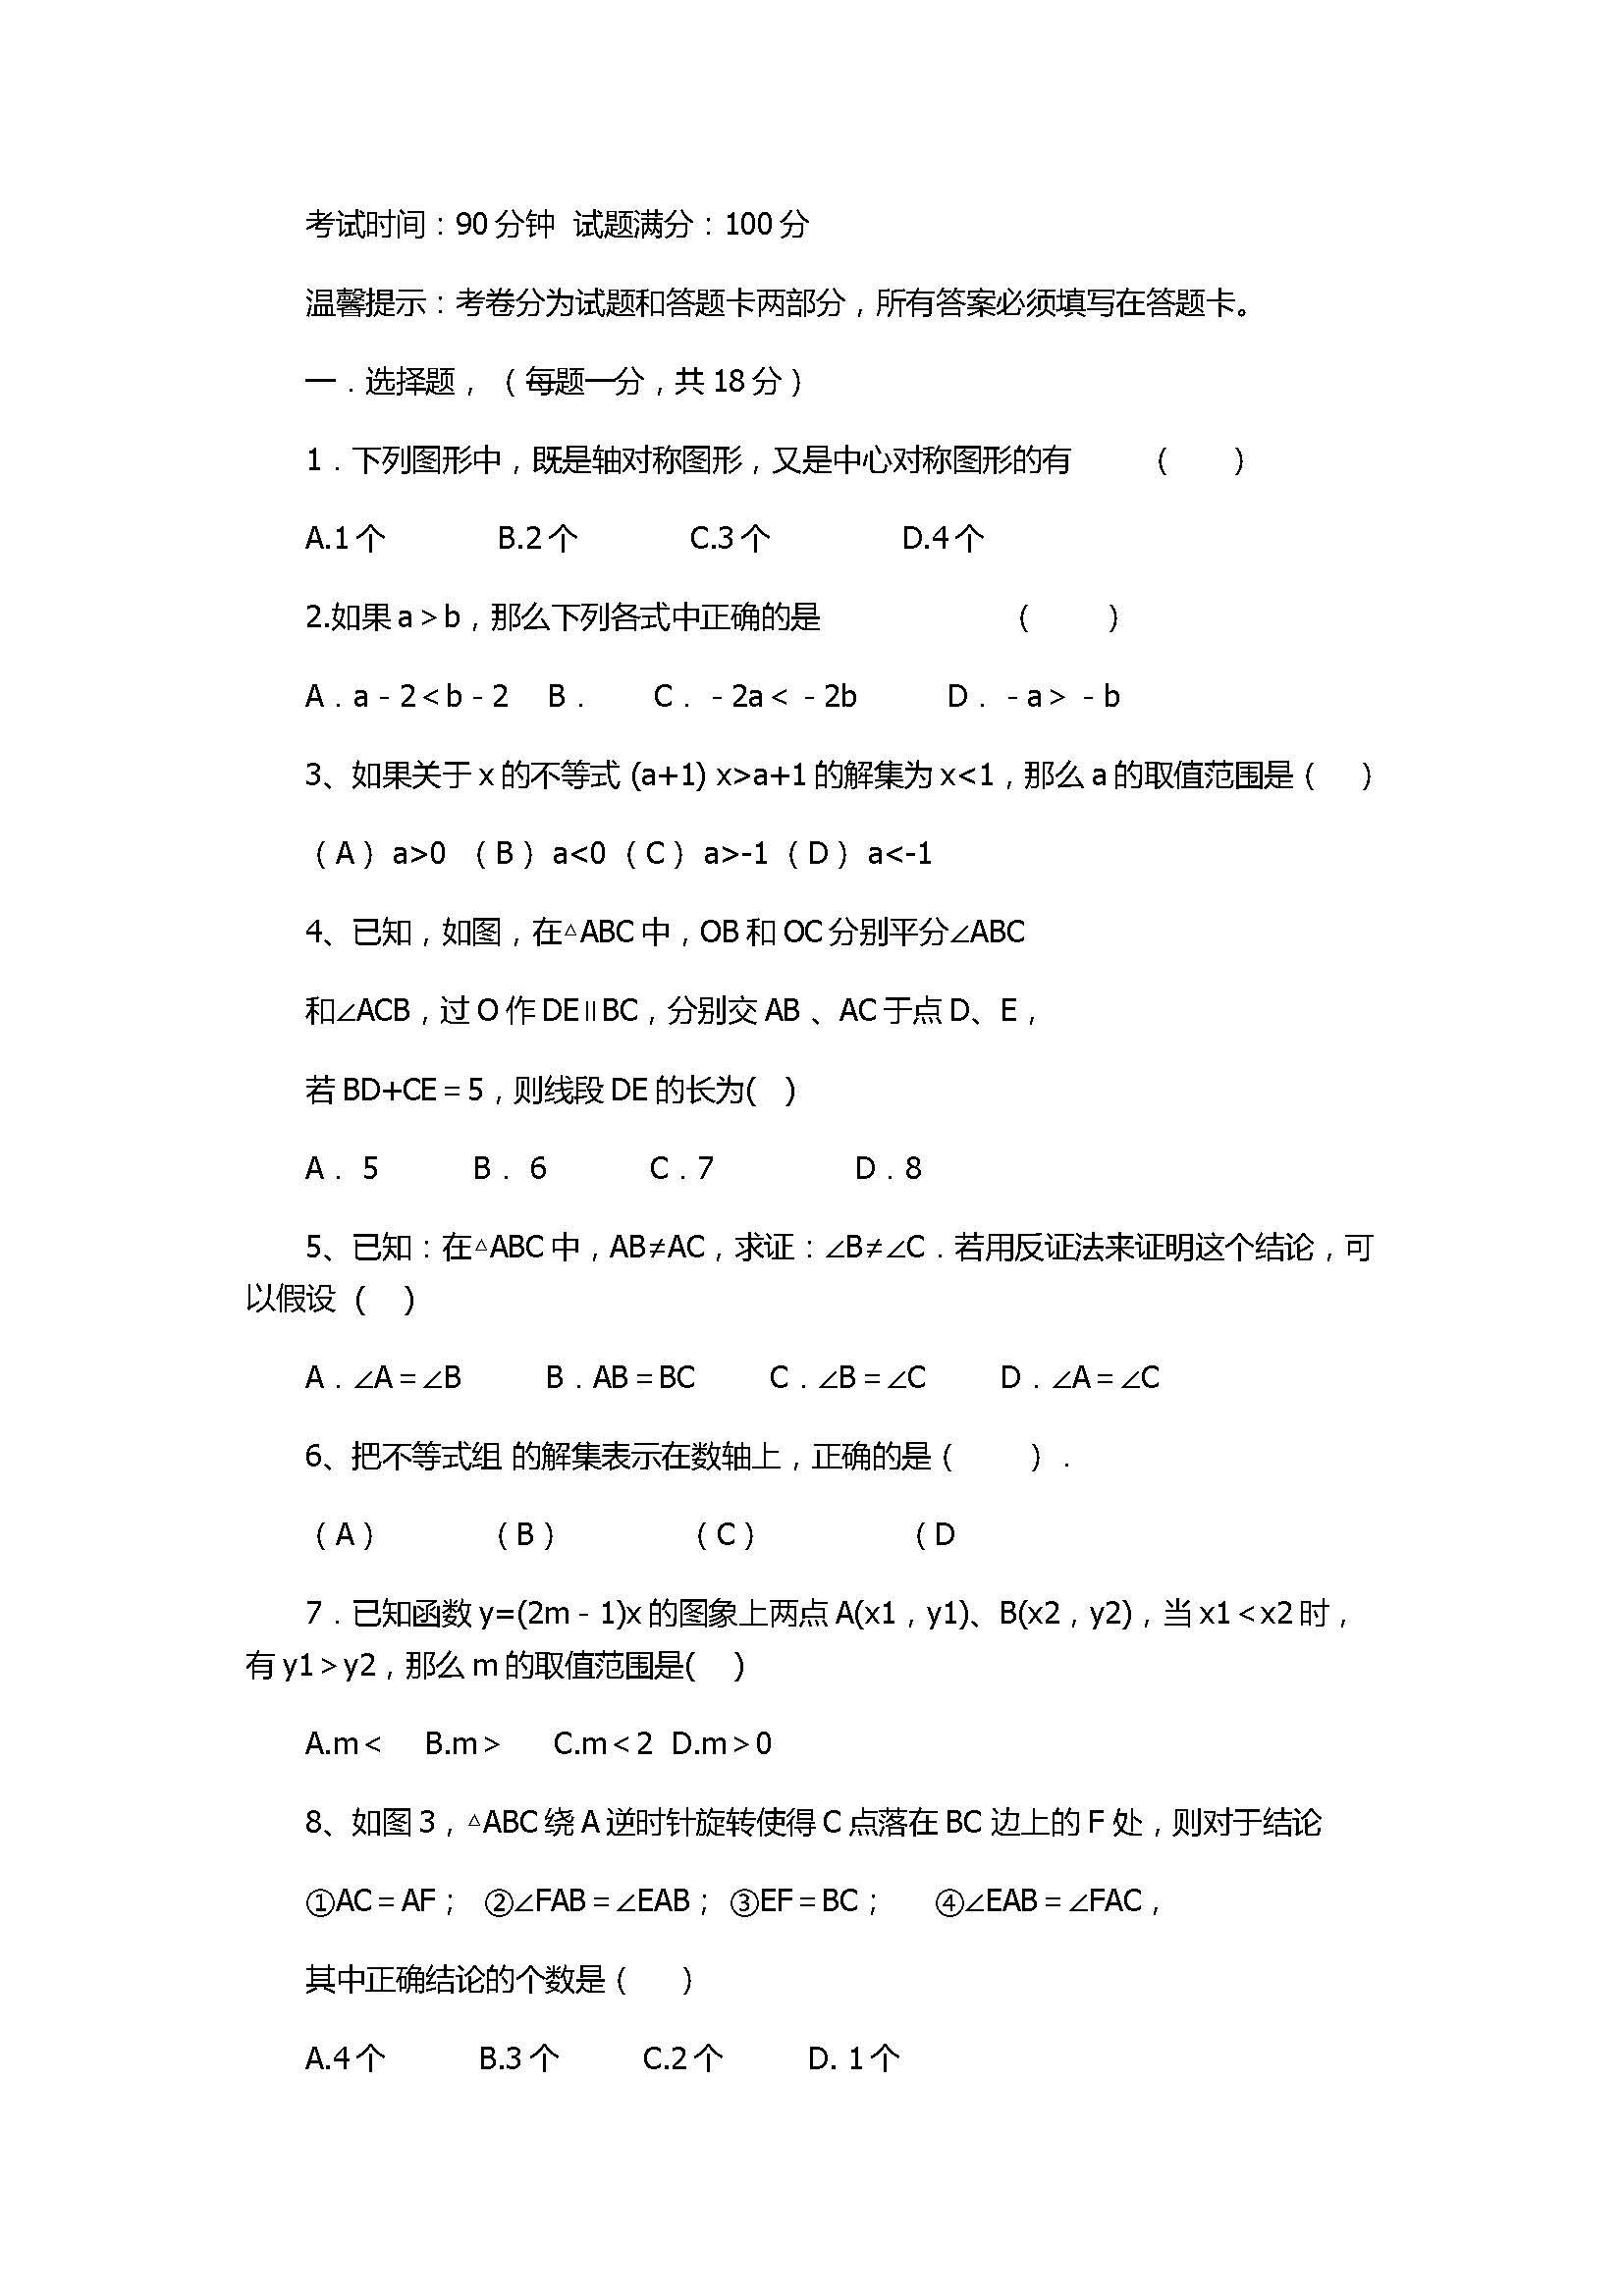 2017八年级下册期中数学试卷附参考答案(丹东七中)